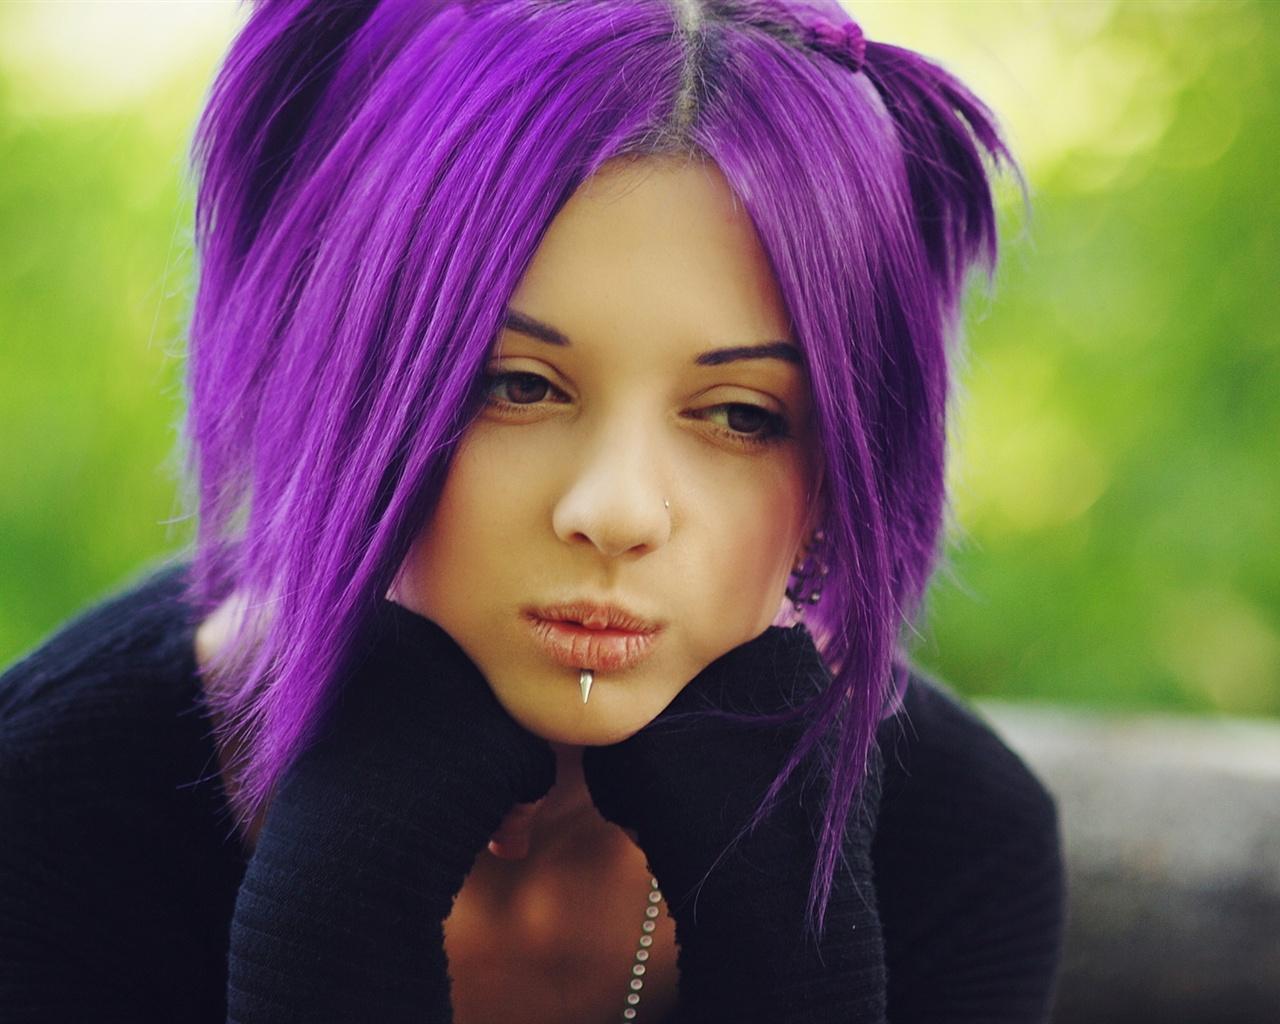 Девушки фиолетовые волосы обои 1280x1024